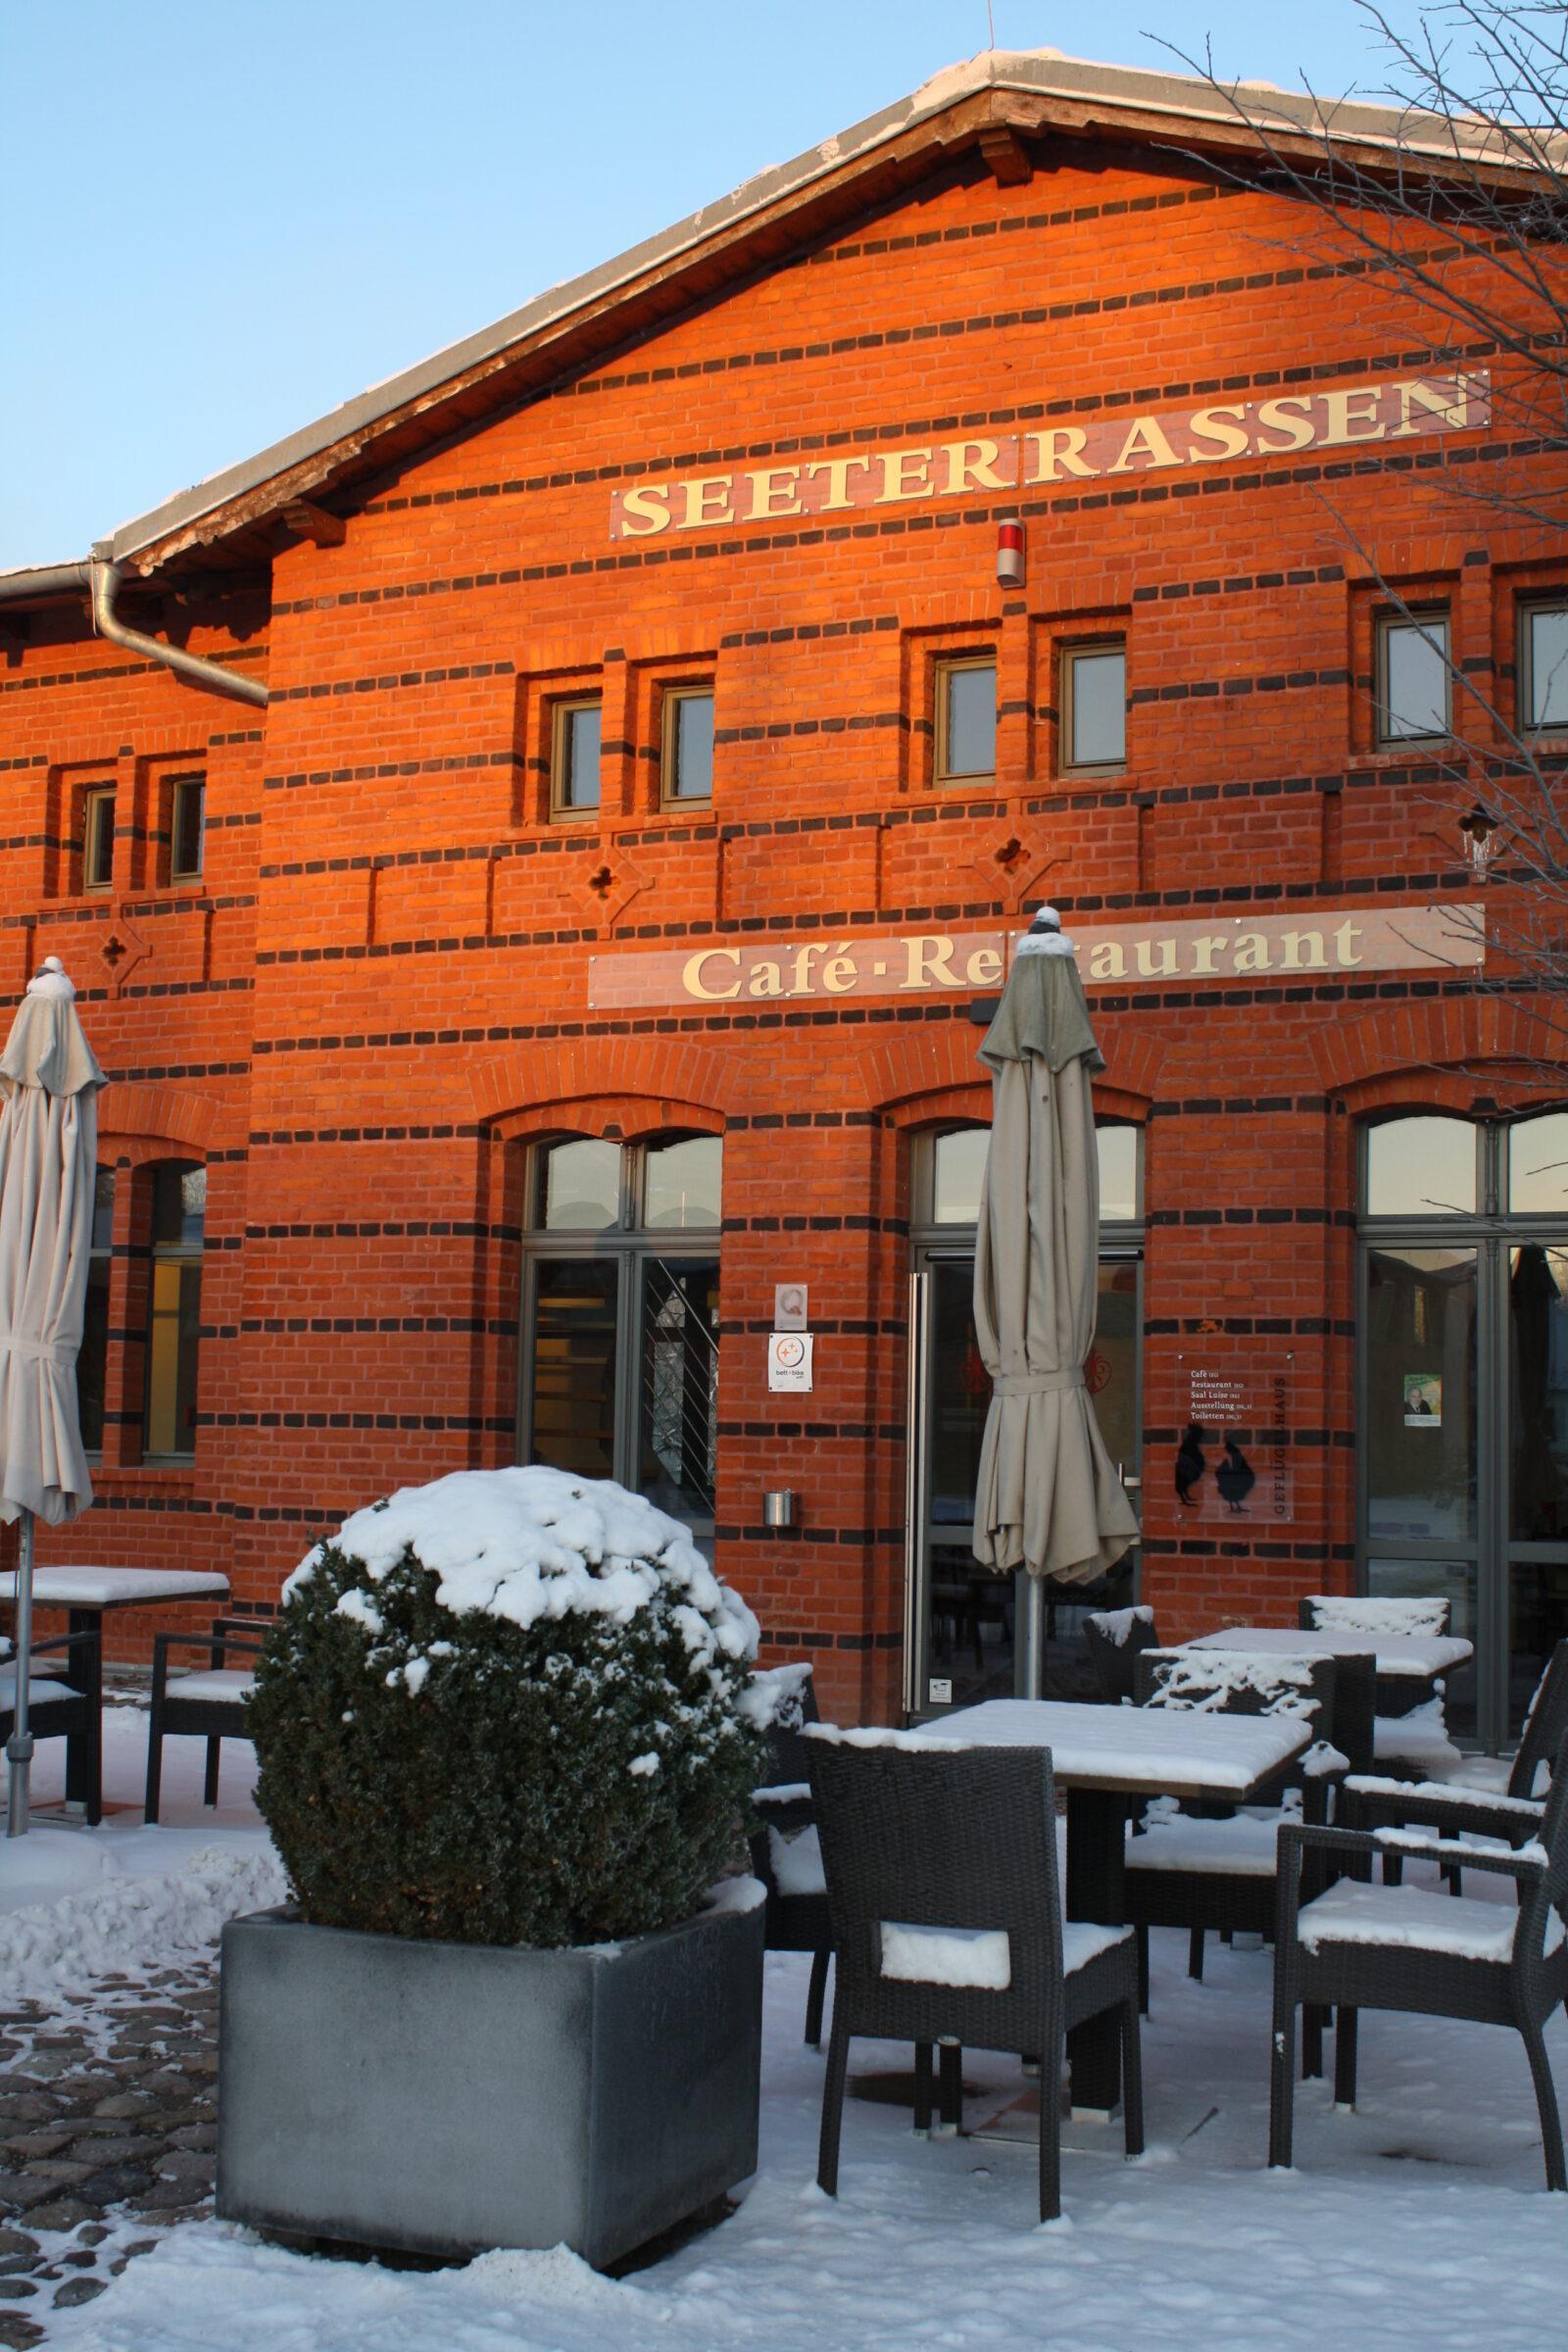 cafe seeterrassen after work